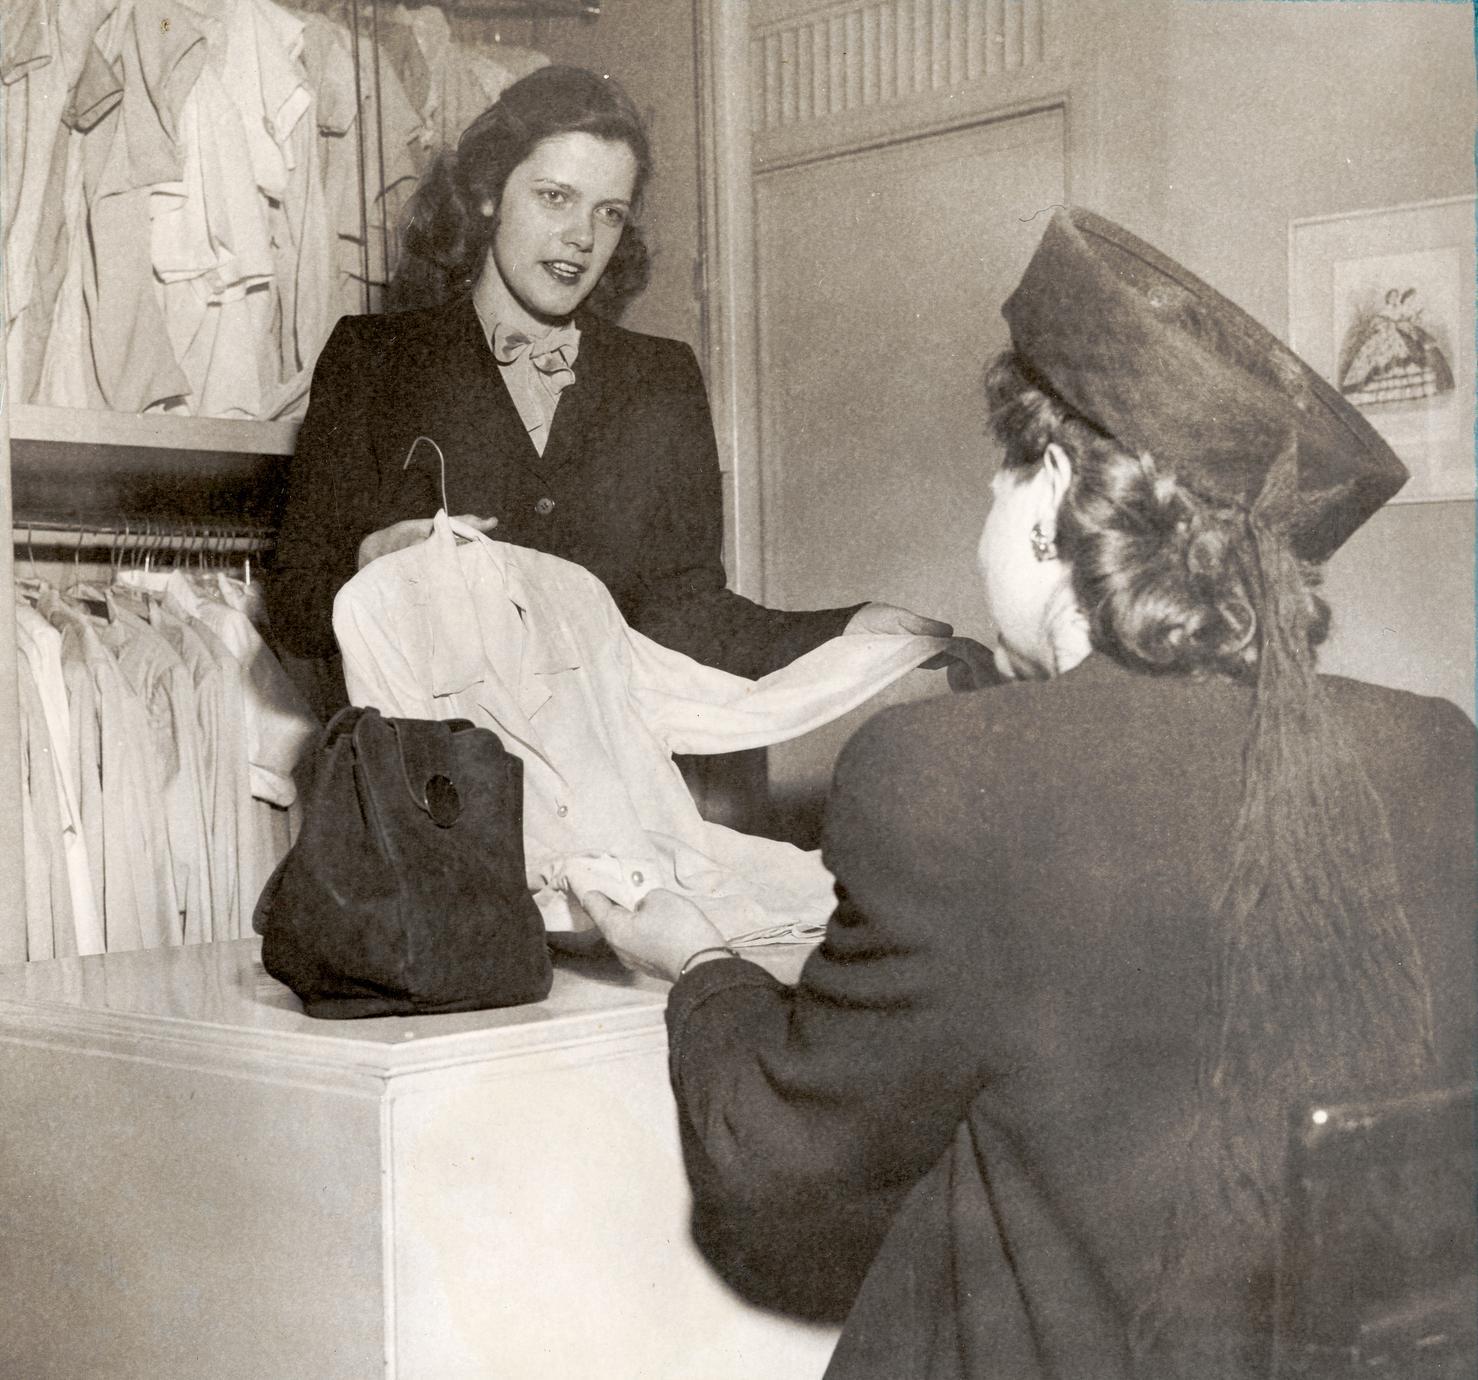 Retailing student